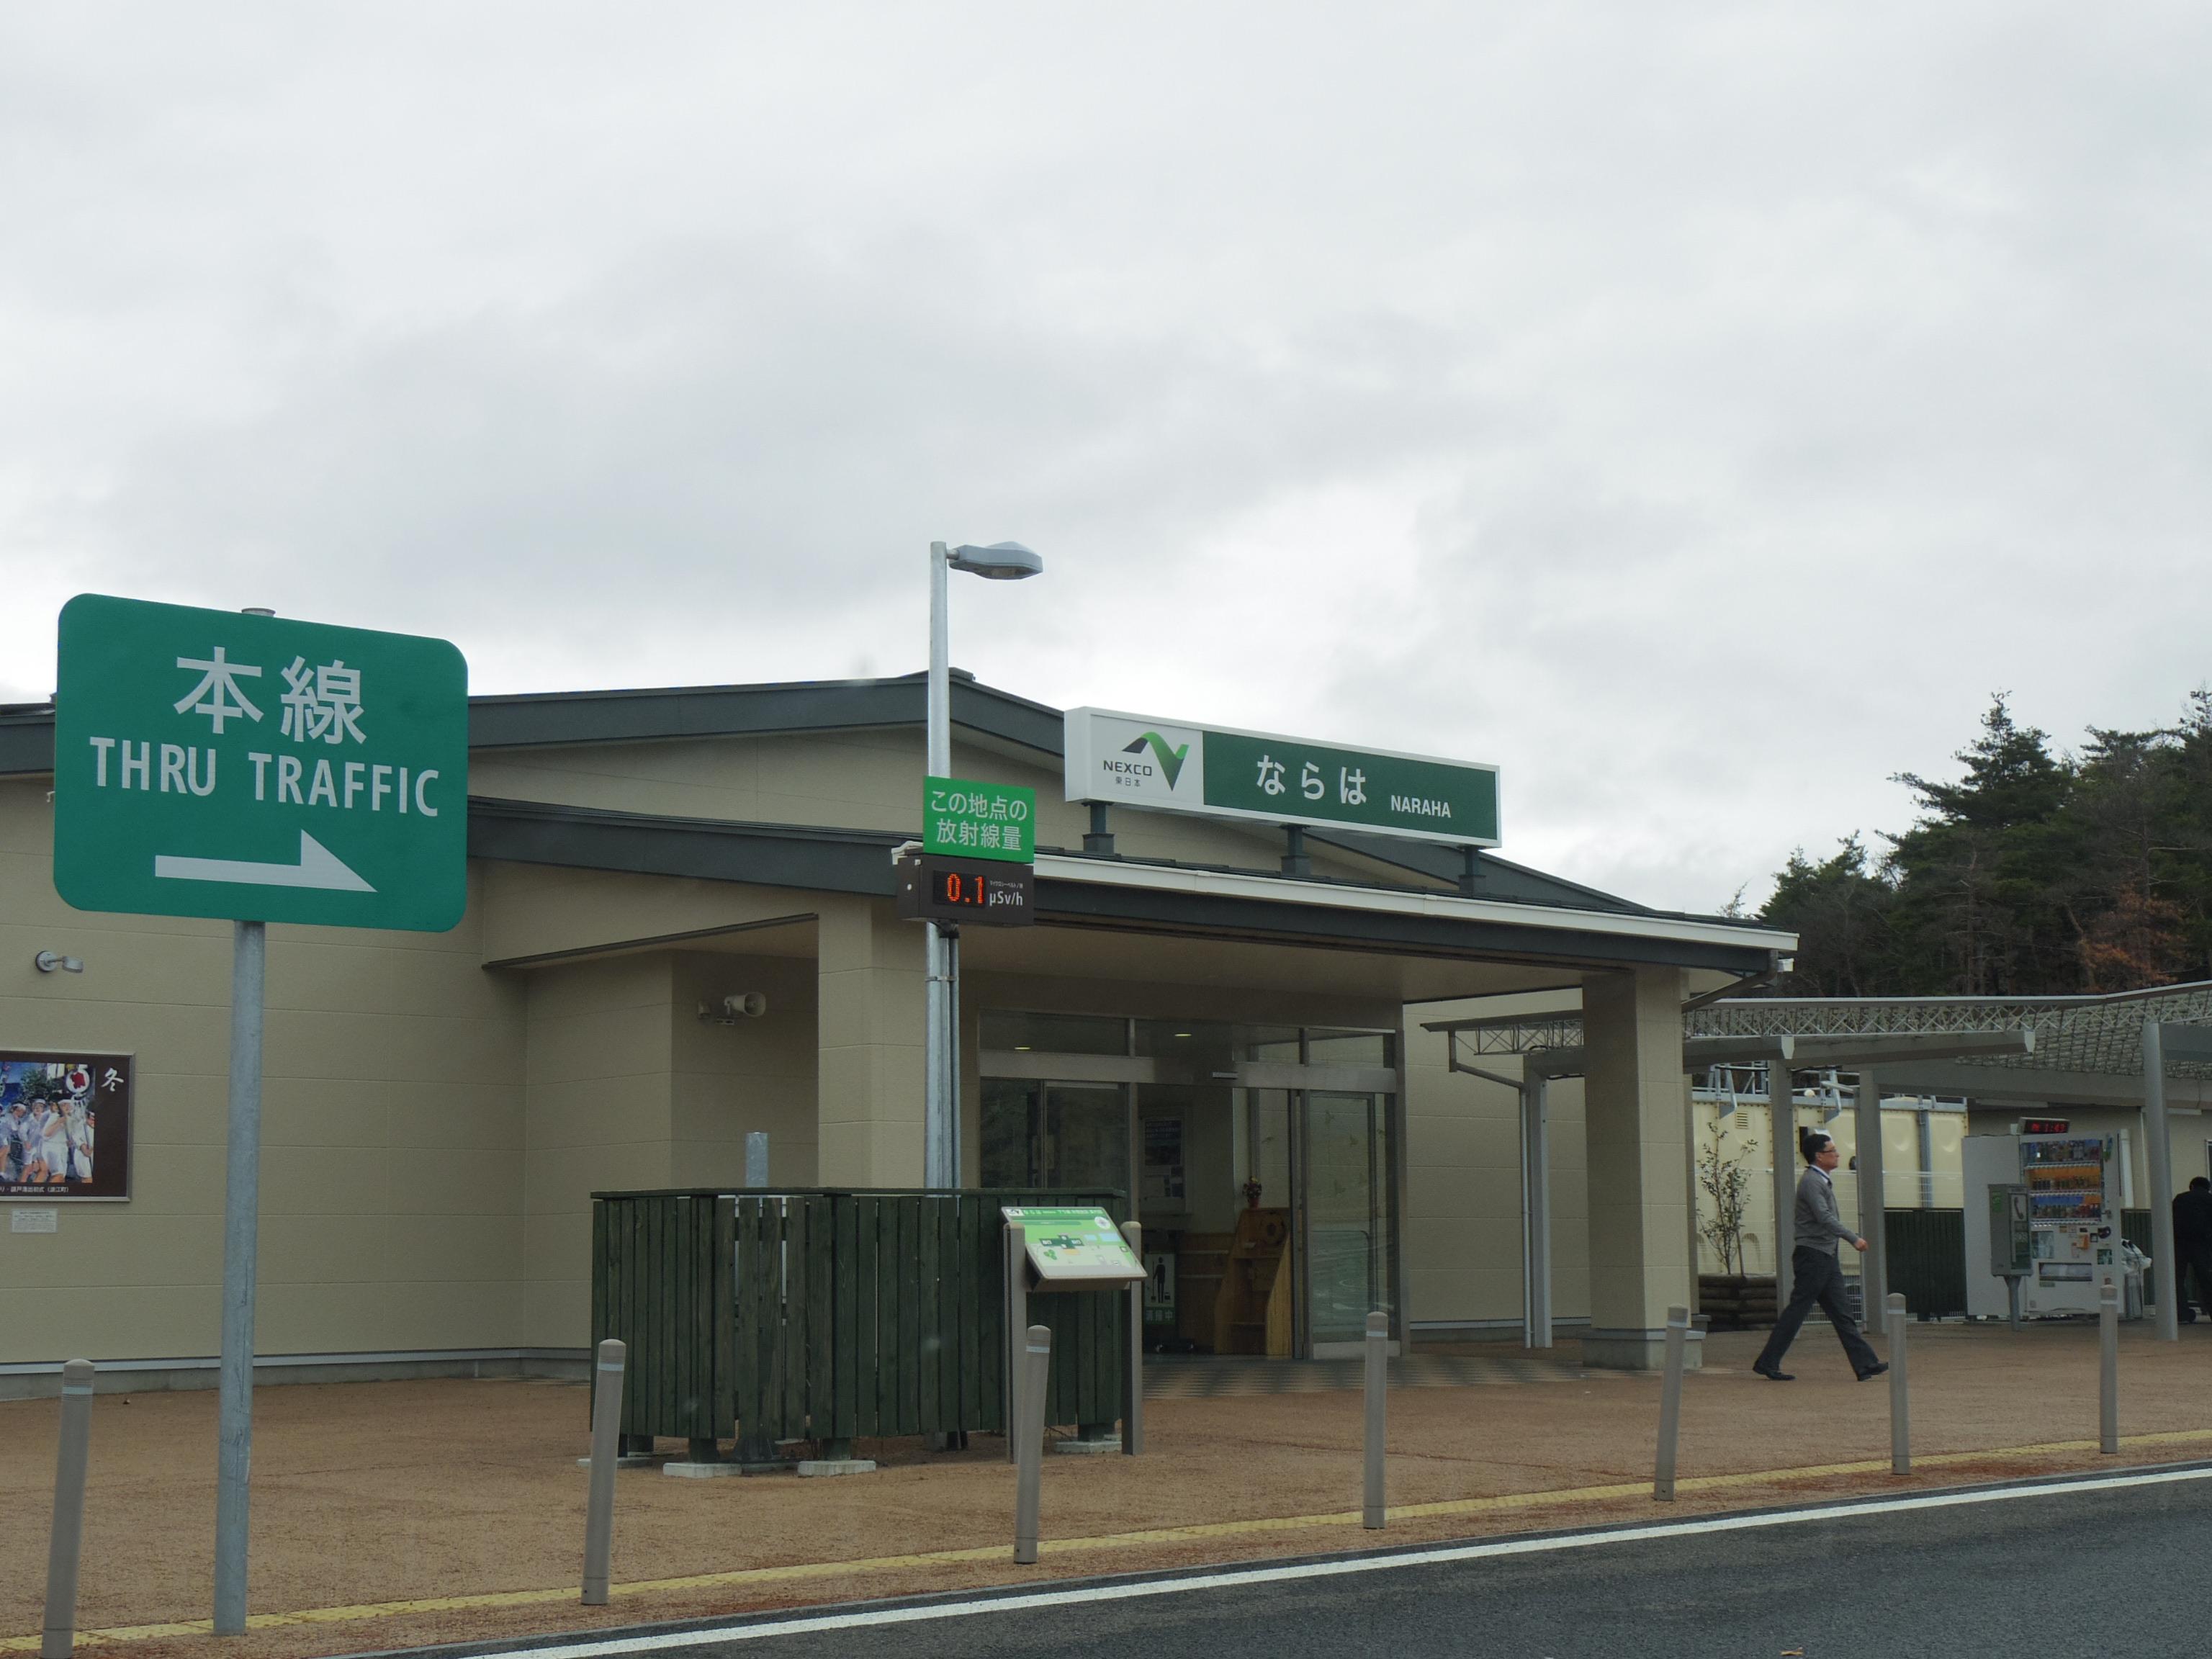 【日本プチ縦断】東北大震災の爪痕と現在。放射線について知っておいてもらいたいこと。